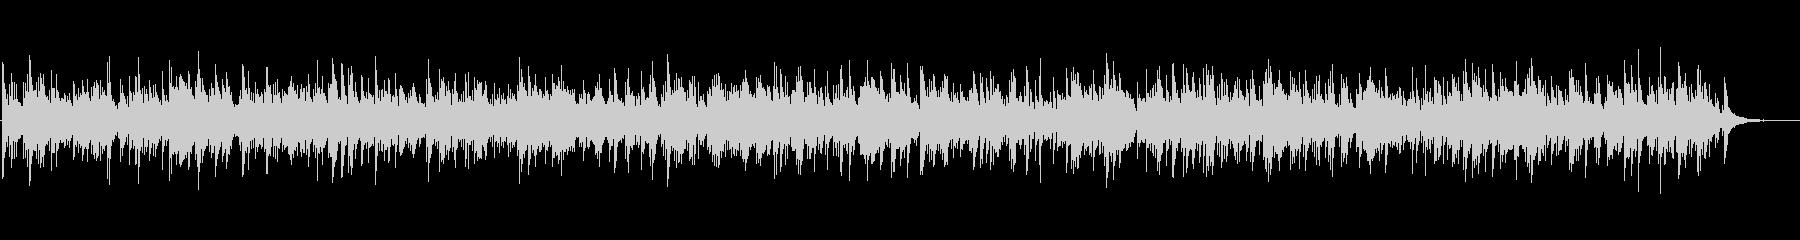 ほのぼのフォークカントリーギターデュオの未再生の波形